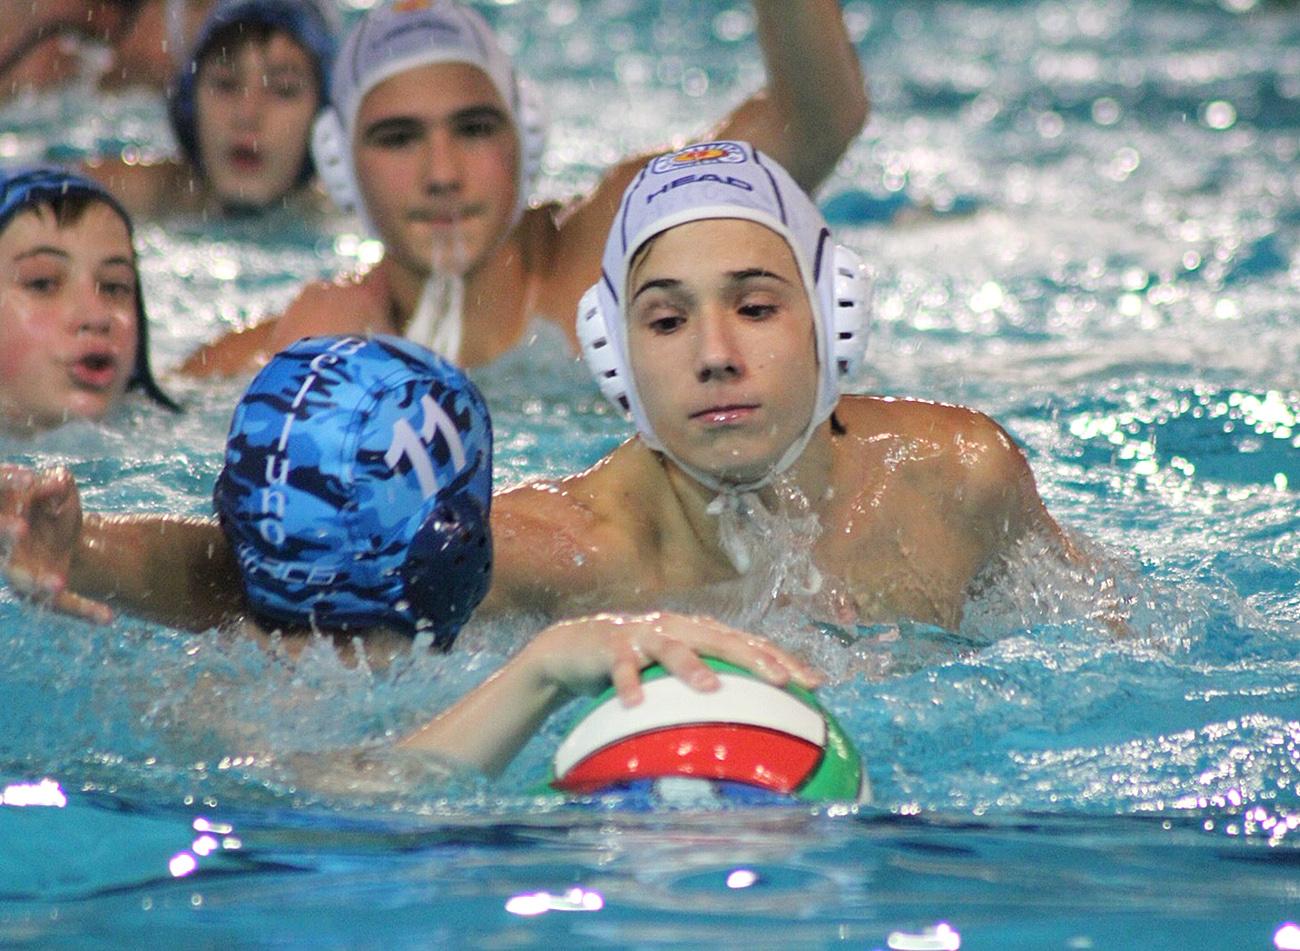 Settore giovanile: pari casalingo con il Plebiscito Padova per l'U17A, terza vittoria di fila per l'U15